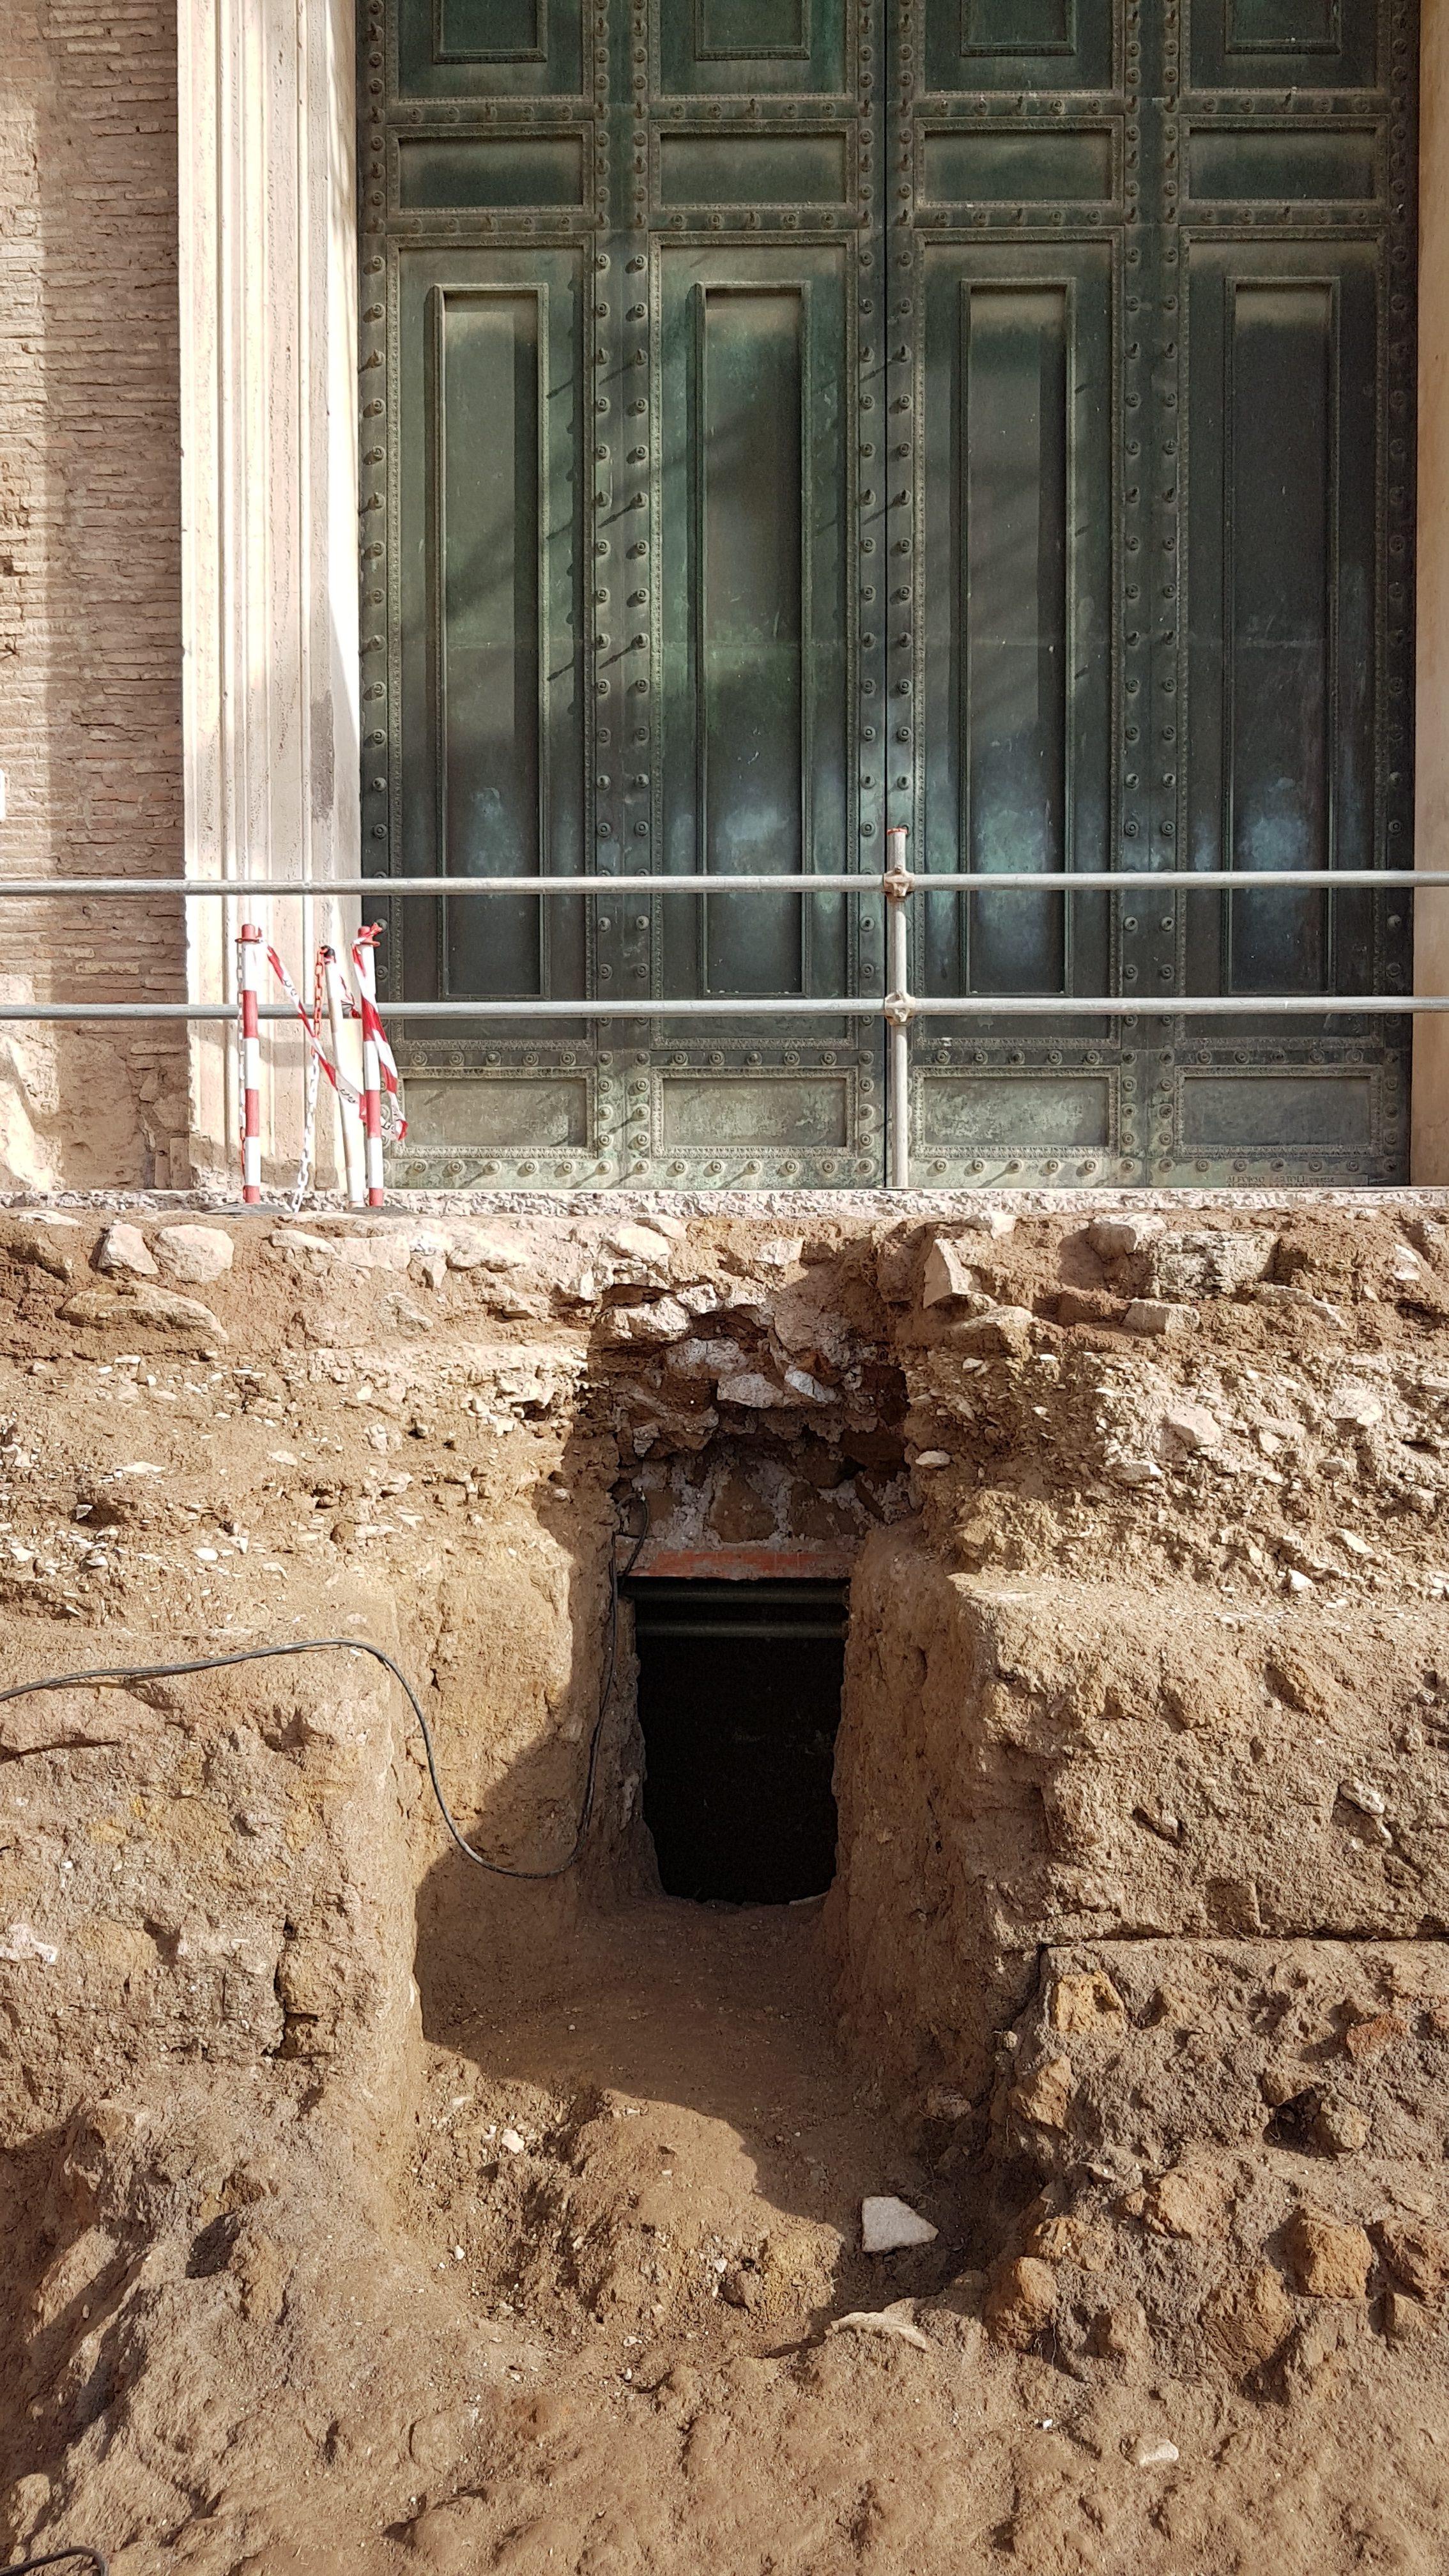 Ulaz unutar rimskog Foruma